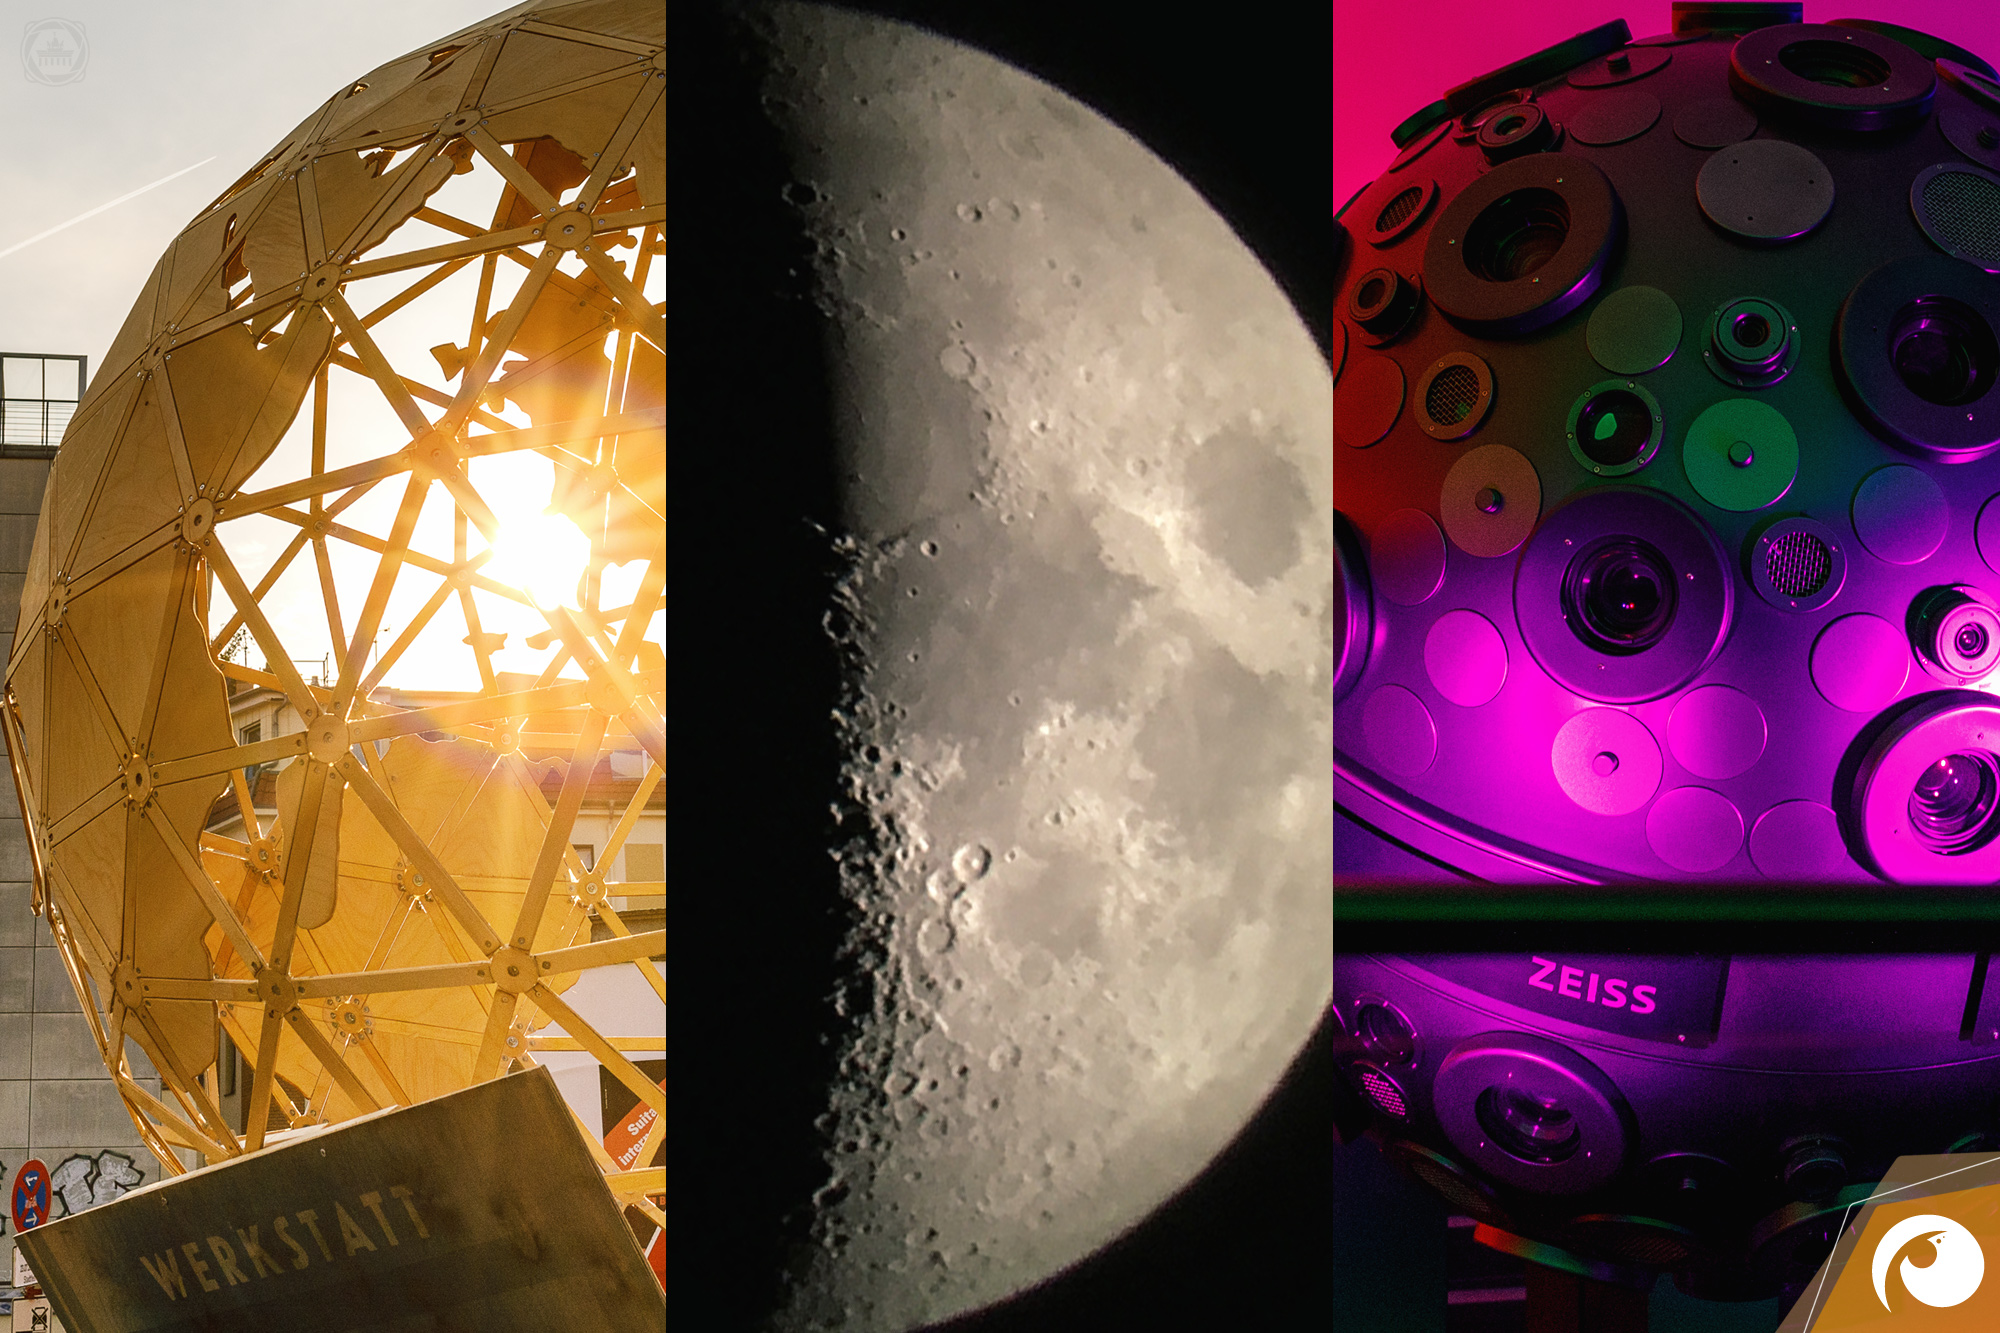 Sonne, Mond & Sterne | Wochenendtipps